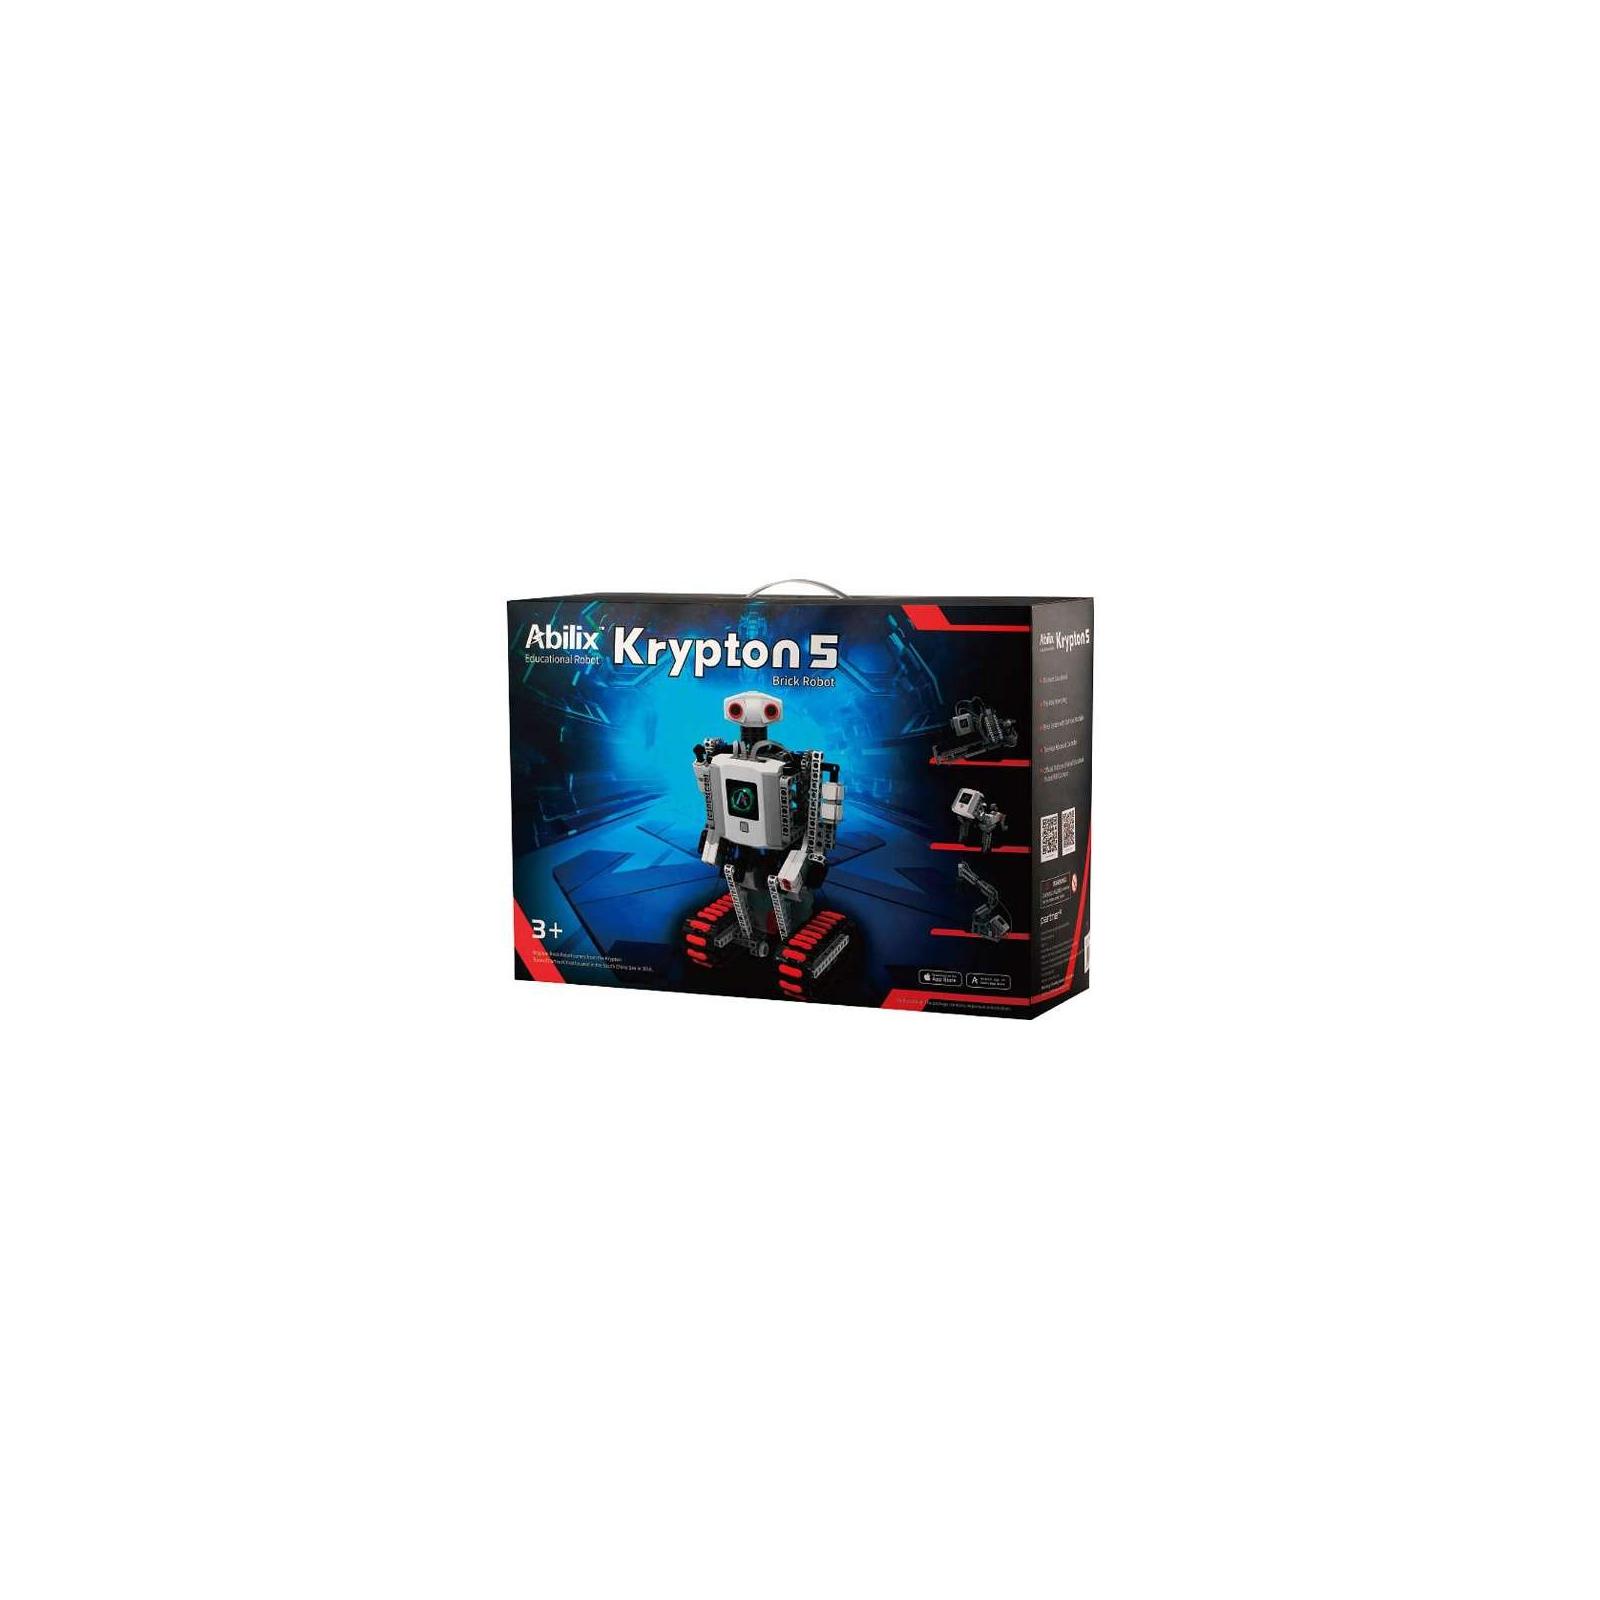 Робот Abilix Krypton 5 (Krypton_5) изображение 12